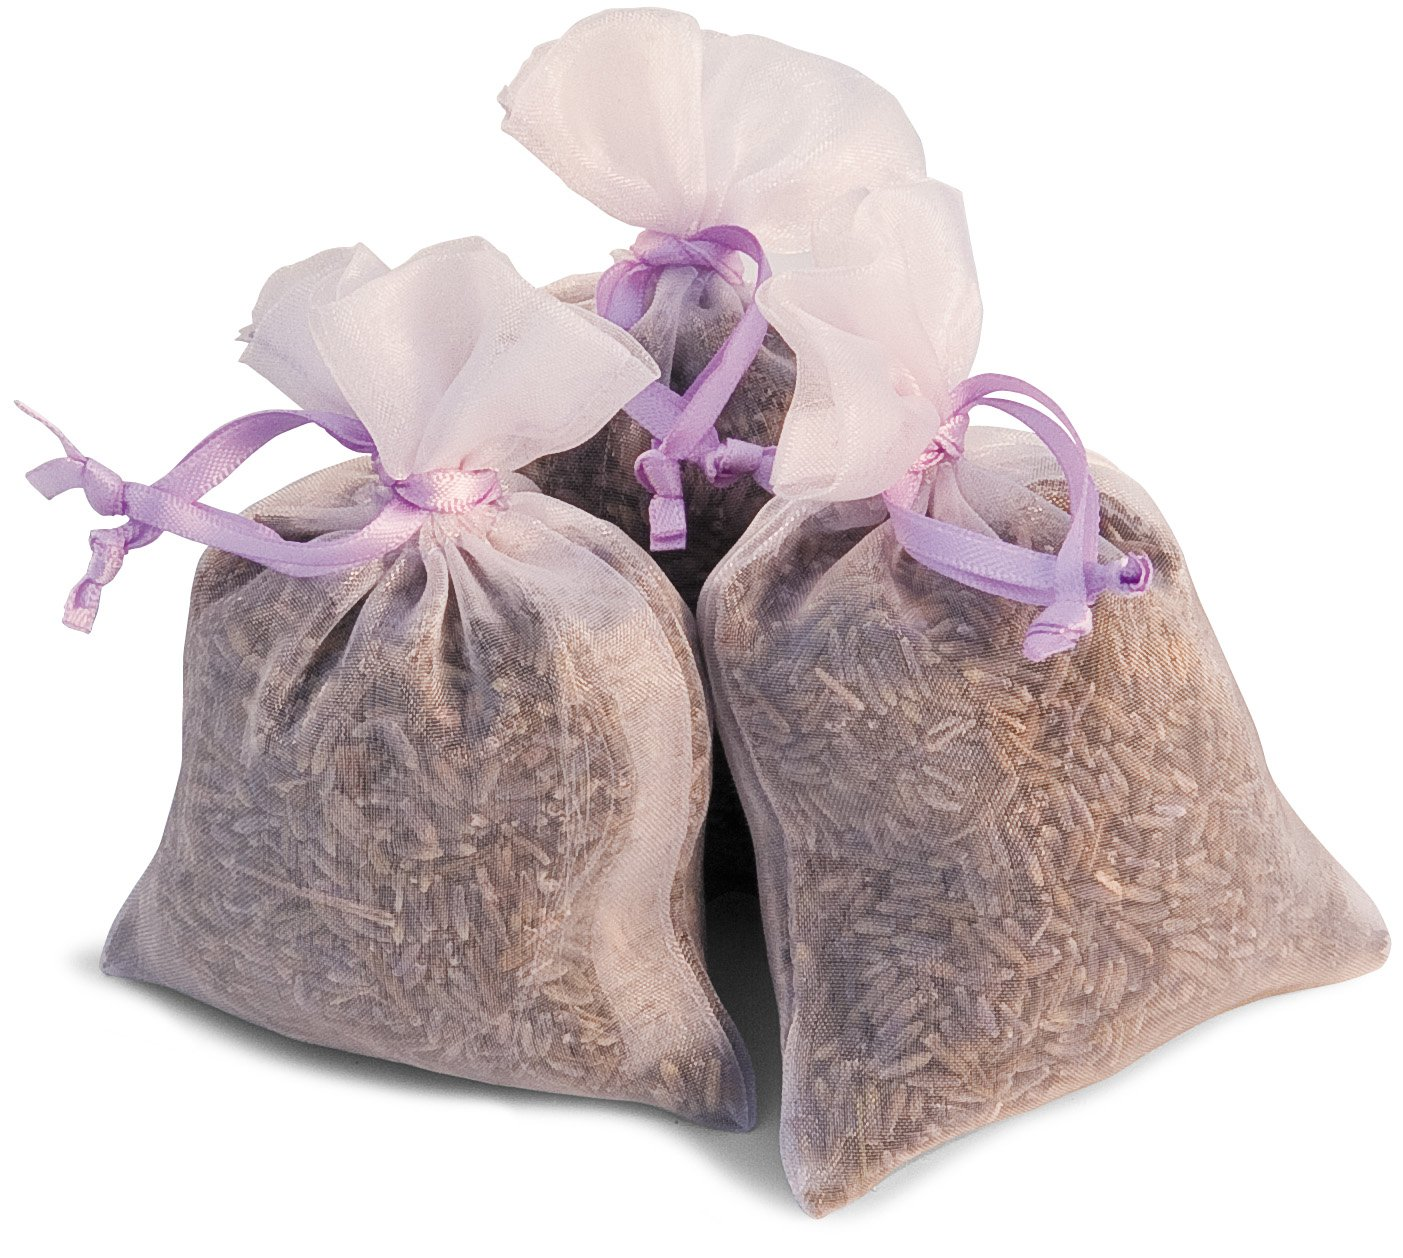 3 Mini Lavender filled Organza Bag Cotswold Lavender HW11